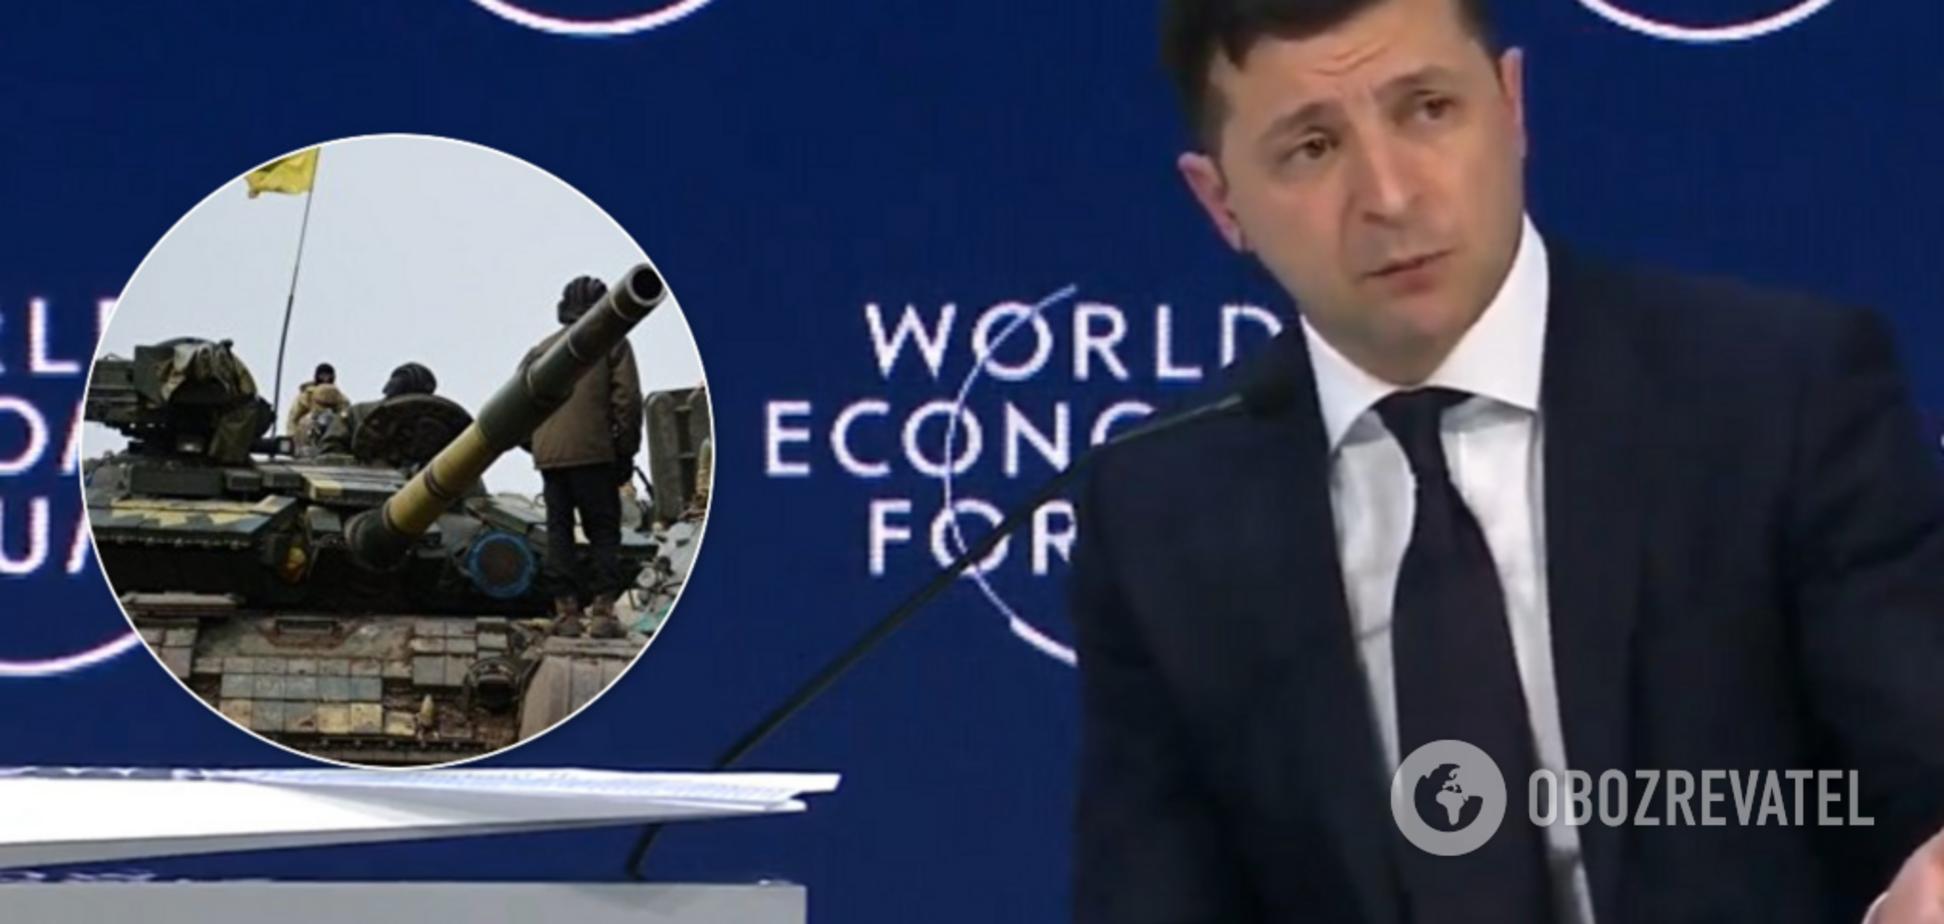 'Мы готовы закончить войну сегодня': Зеленский сделал громкое заявление о Донбассе